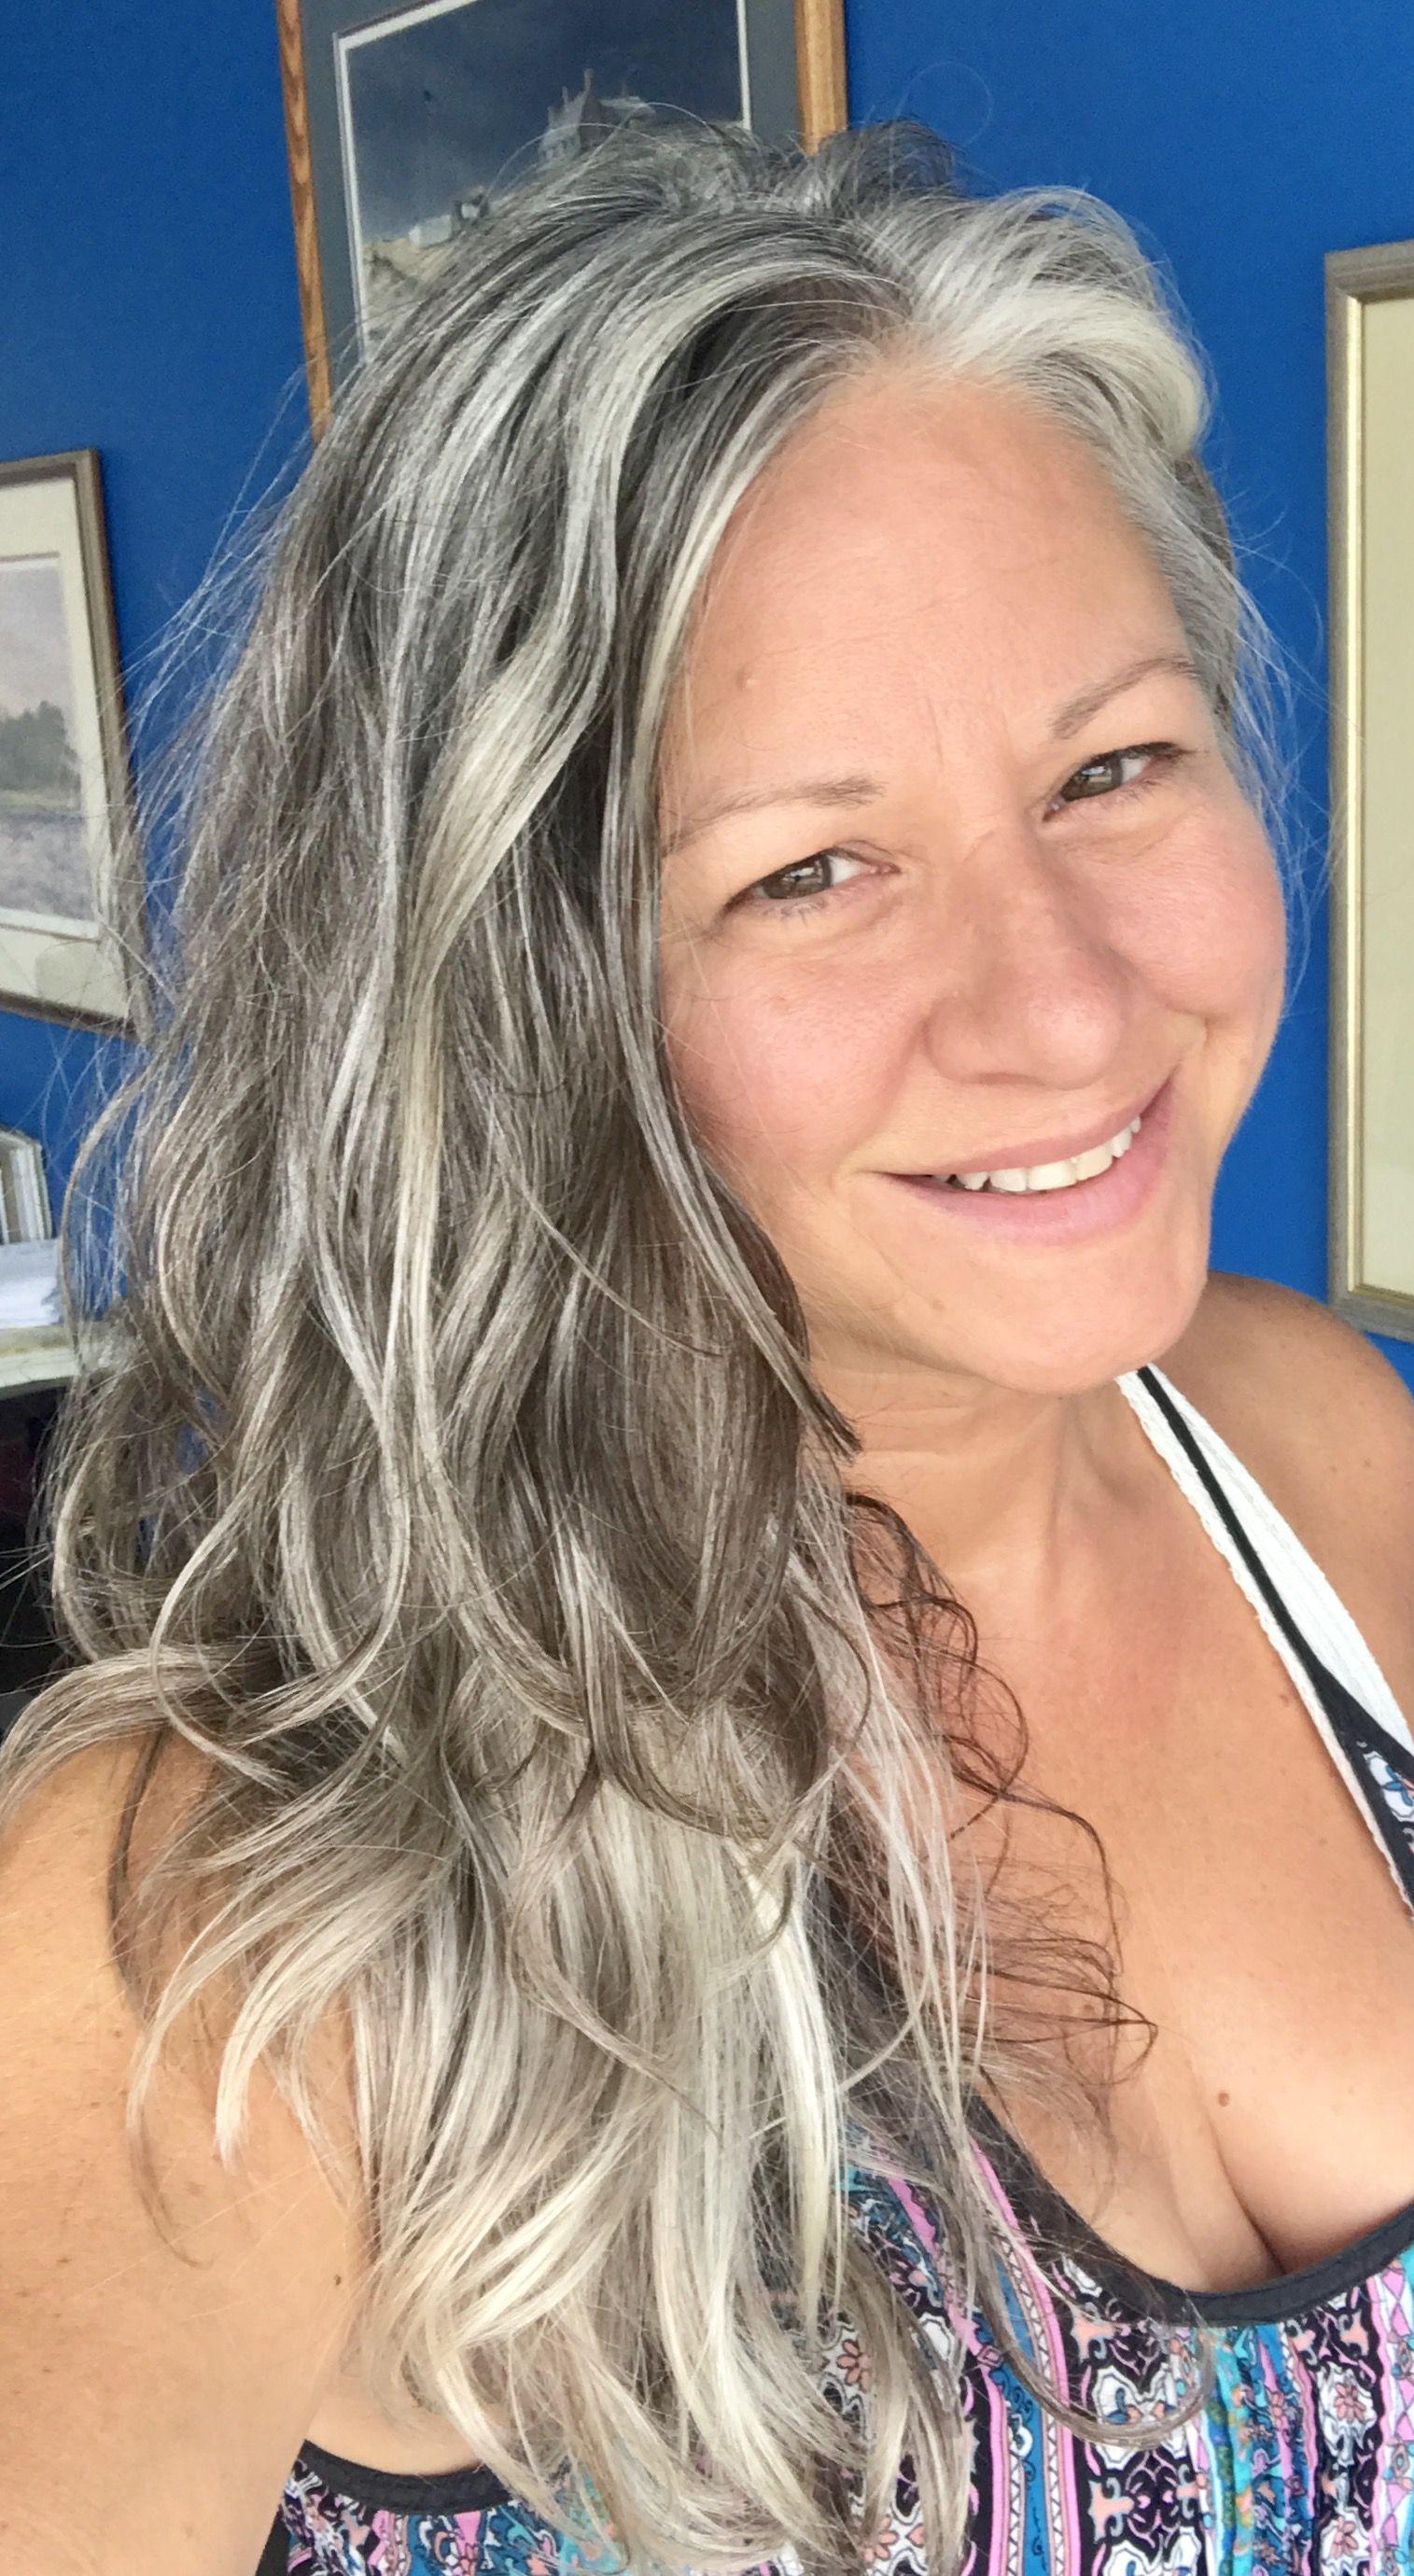 Pretty long wavy gray hair on a real natural woman